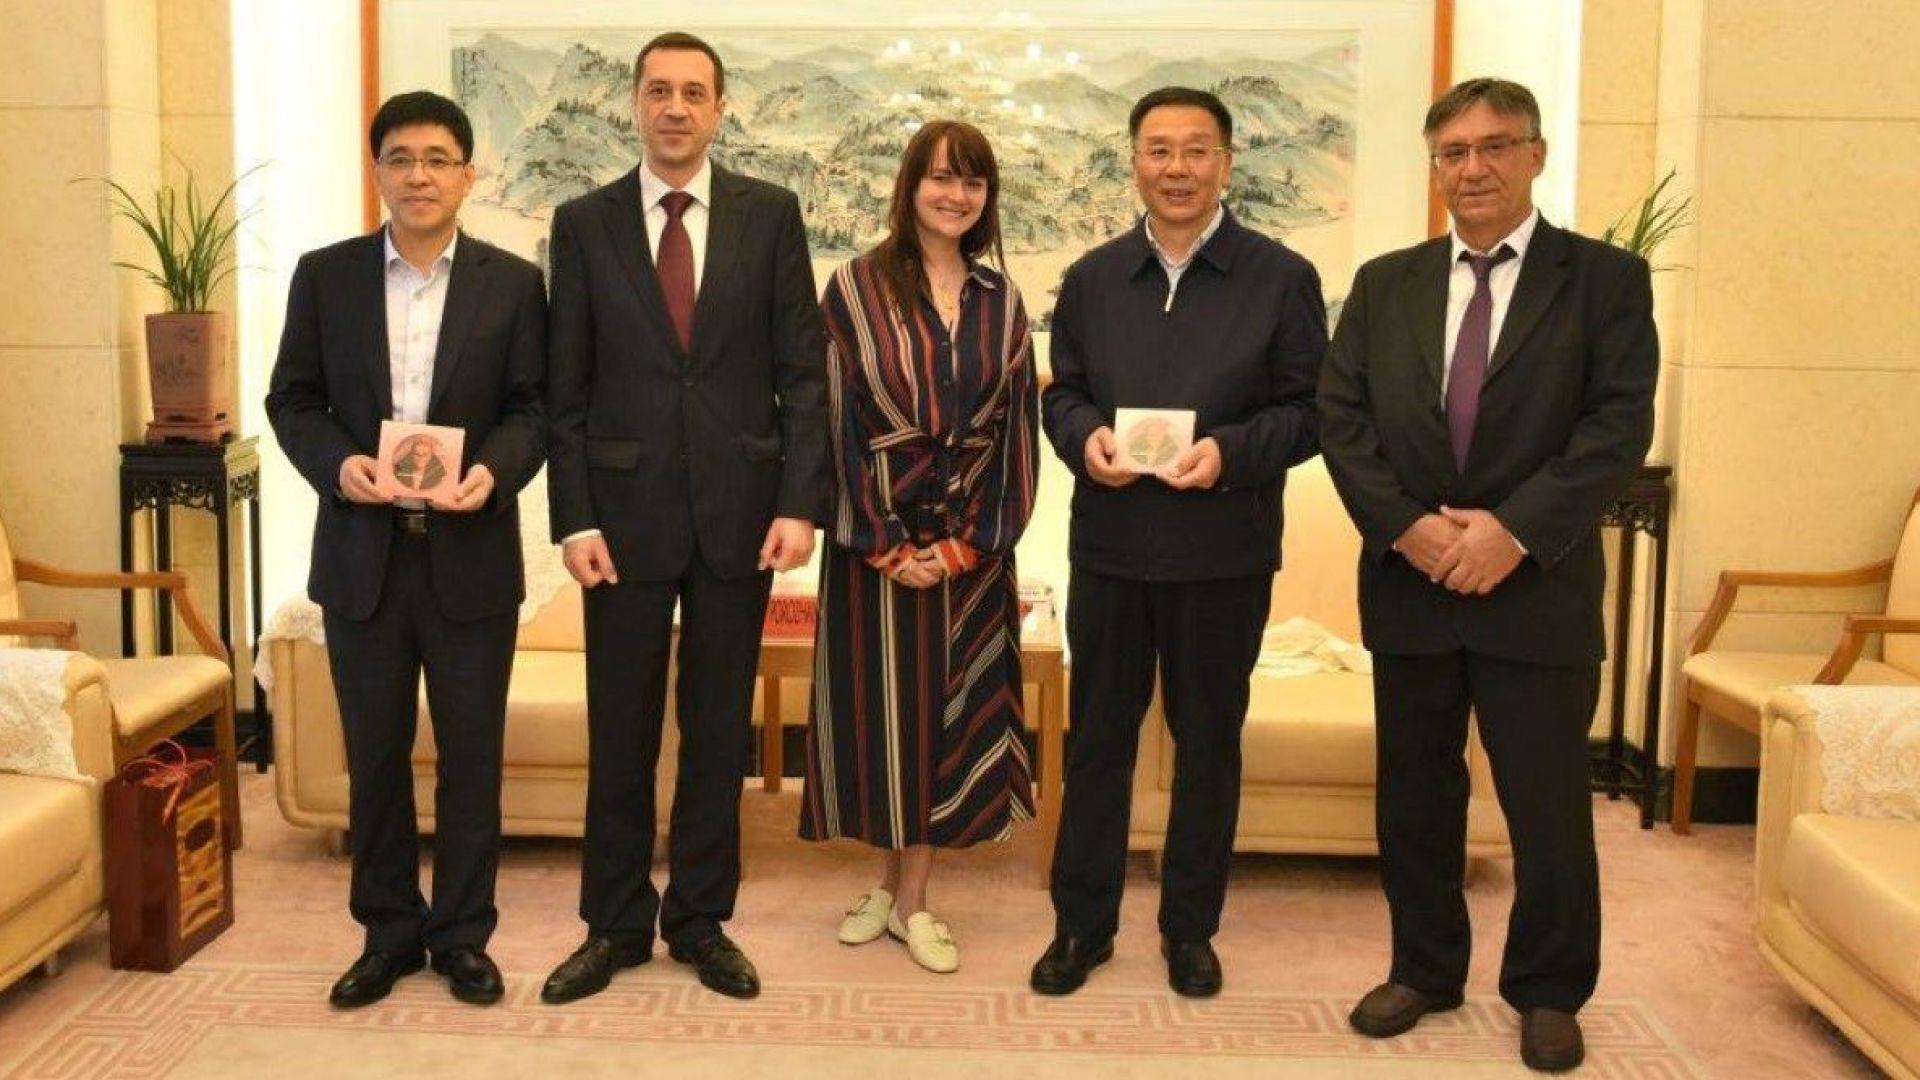 Рут Колева очарова китайски партньори като част от българската делегация